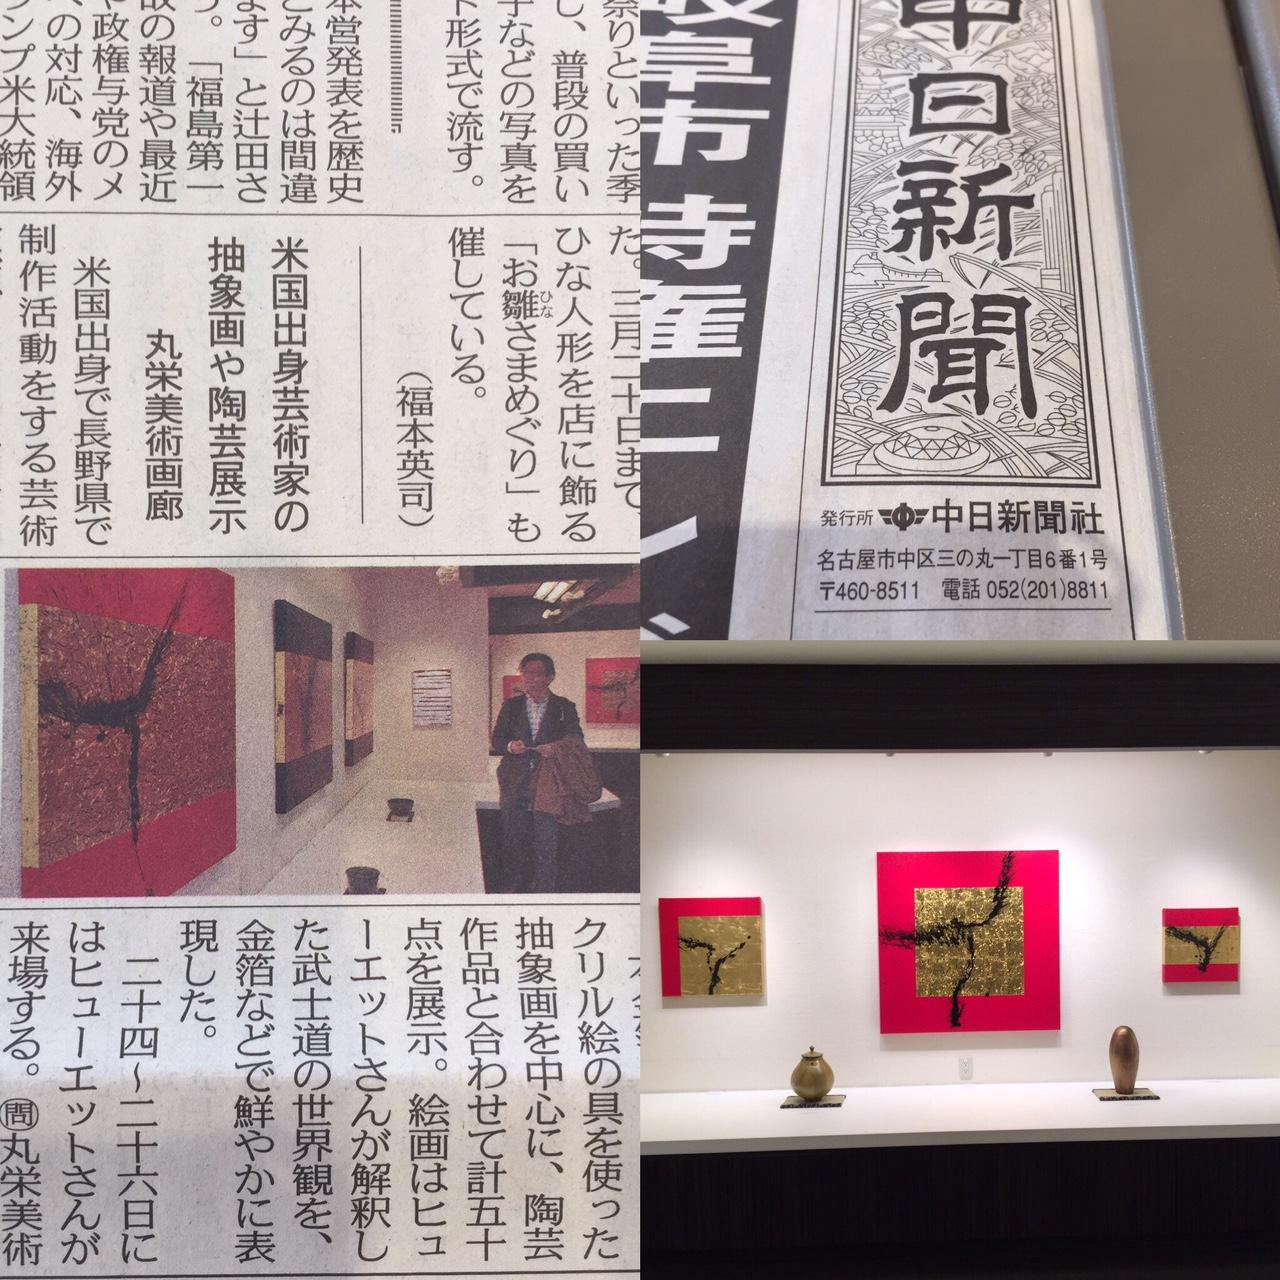 Maruei Gallery Nagoya 2017 6.jpg